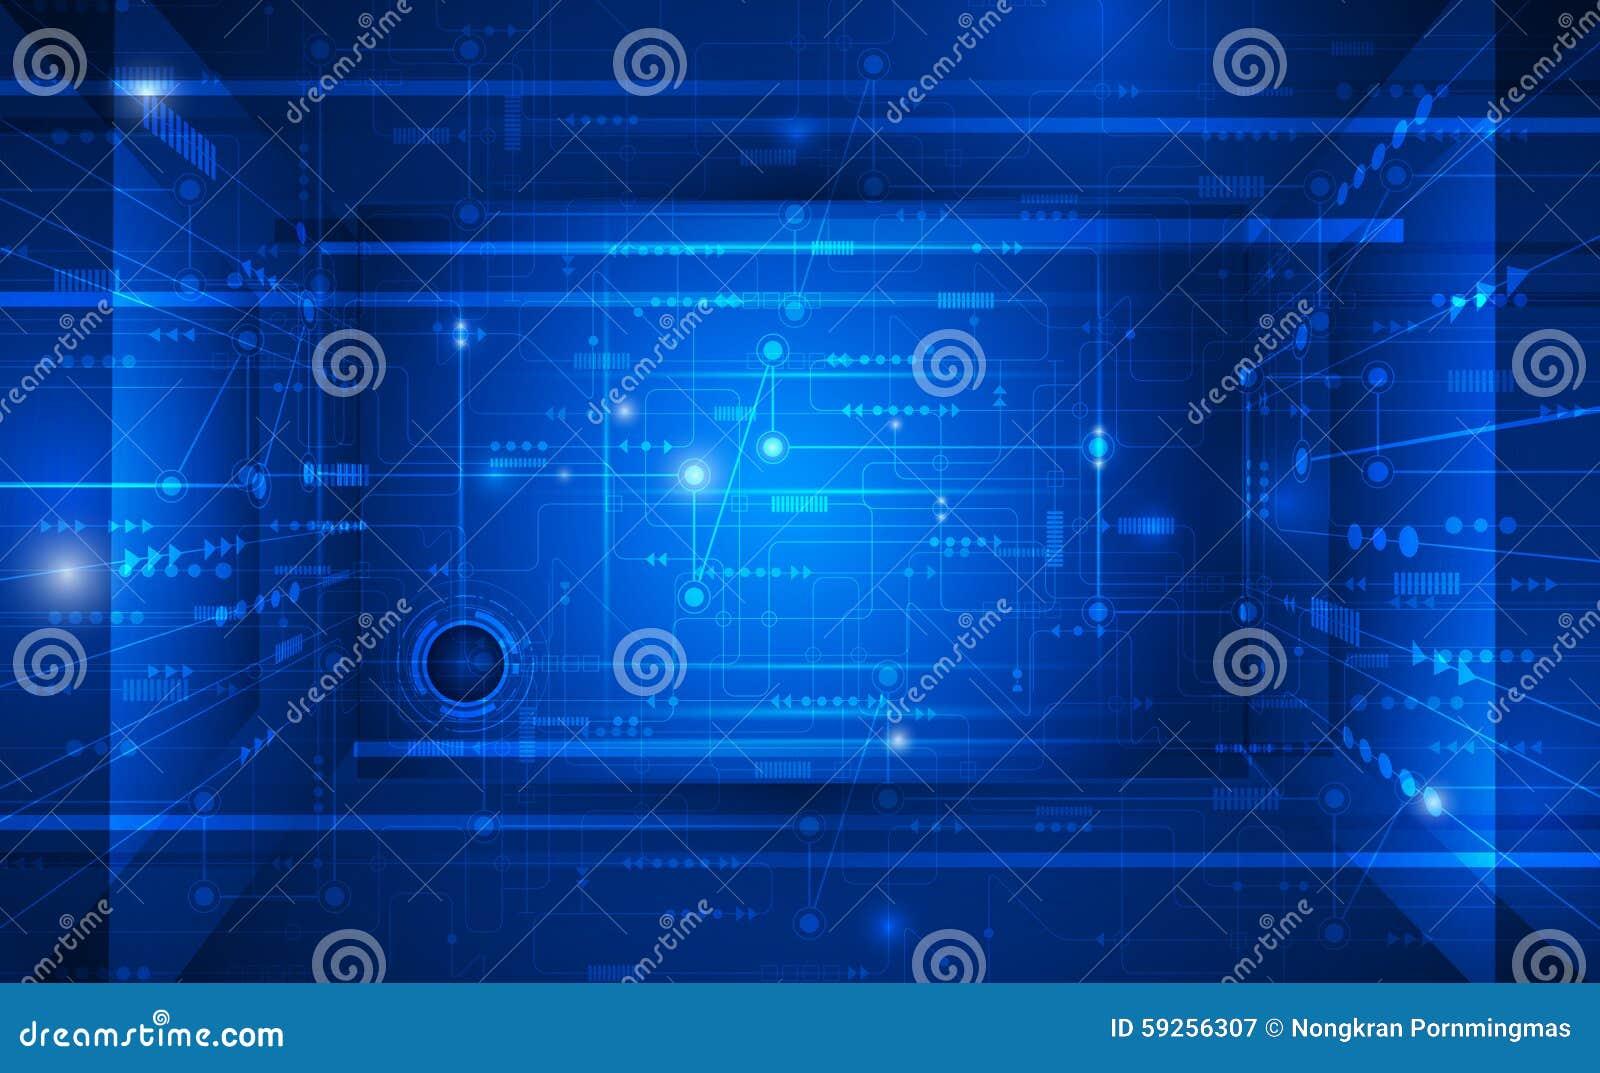 电脑锁屏壁纸软件_电脑锁屏壁纸软件哪个好_电脑锁屏壁纸软件